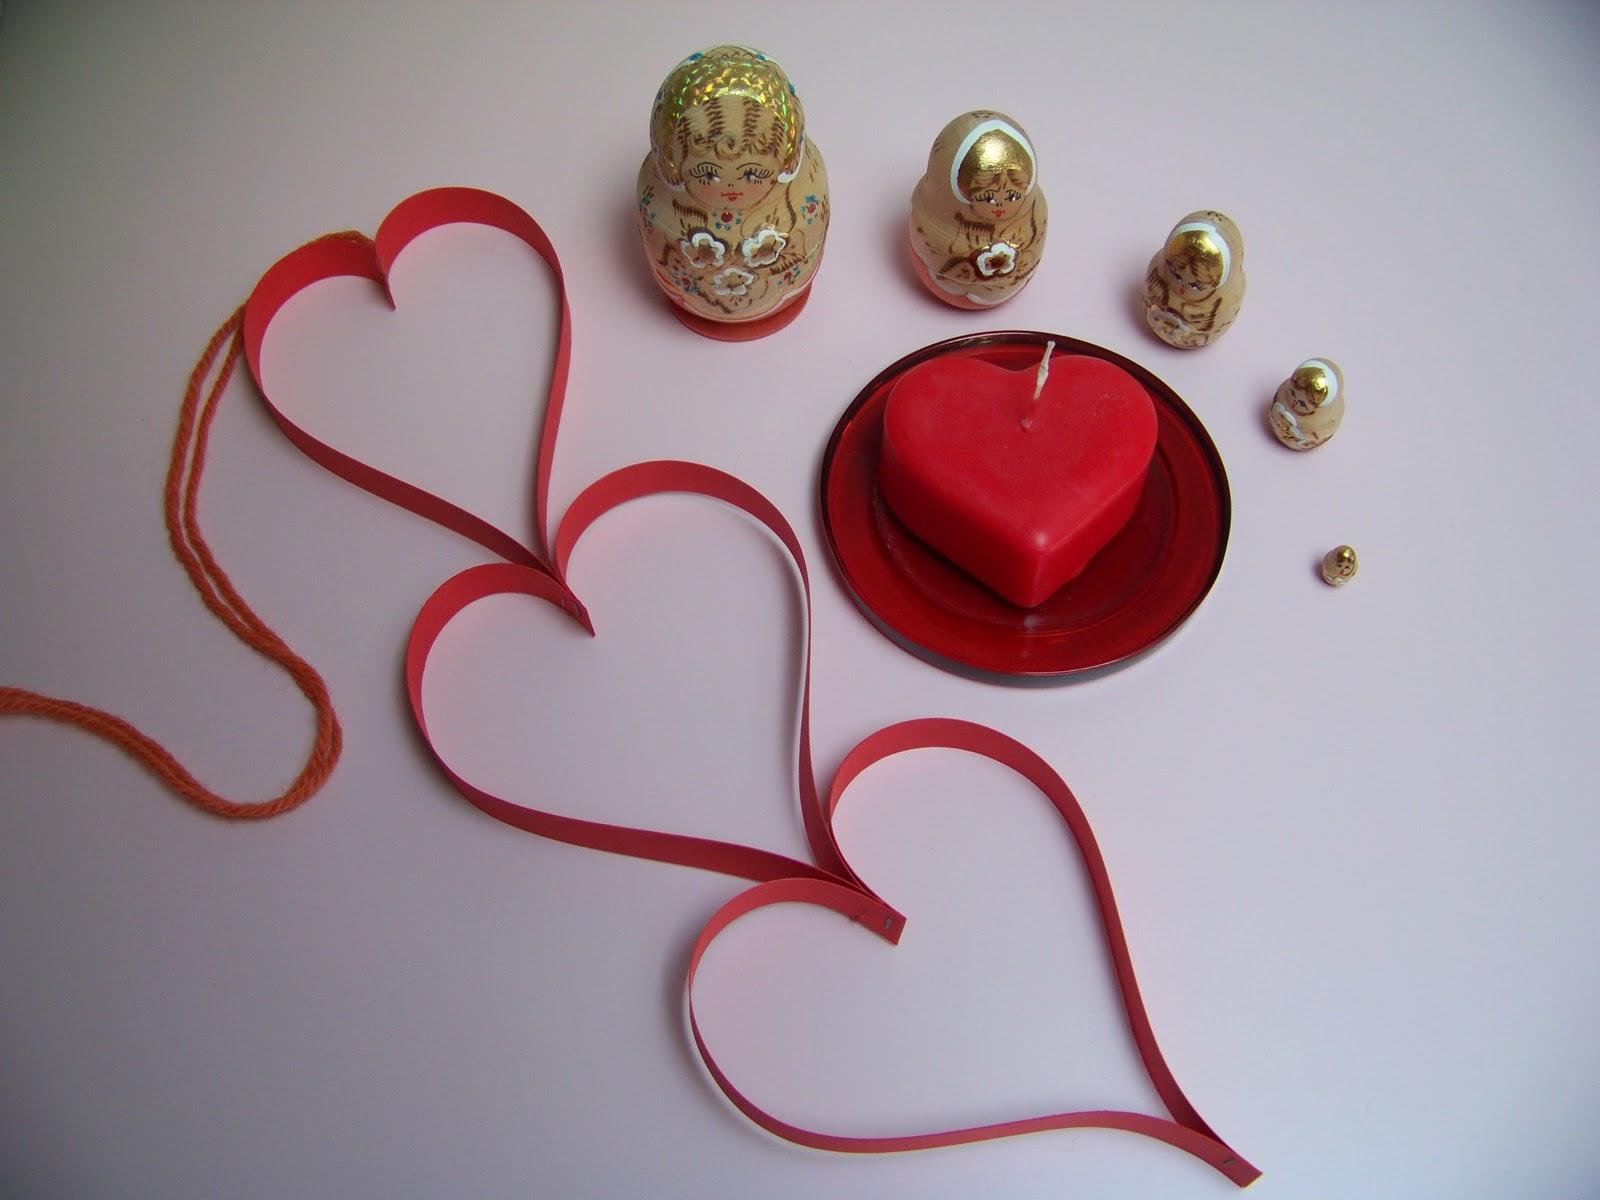 Mamma giochiamo lavoretti per san valentino addobbi dell 39 ultimo minuto - Decori per san valentino ...